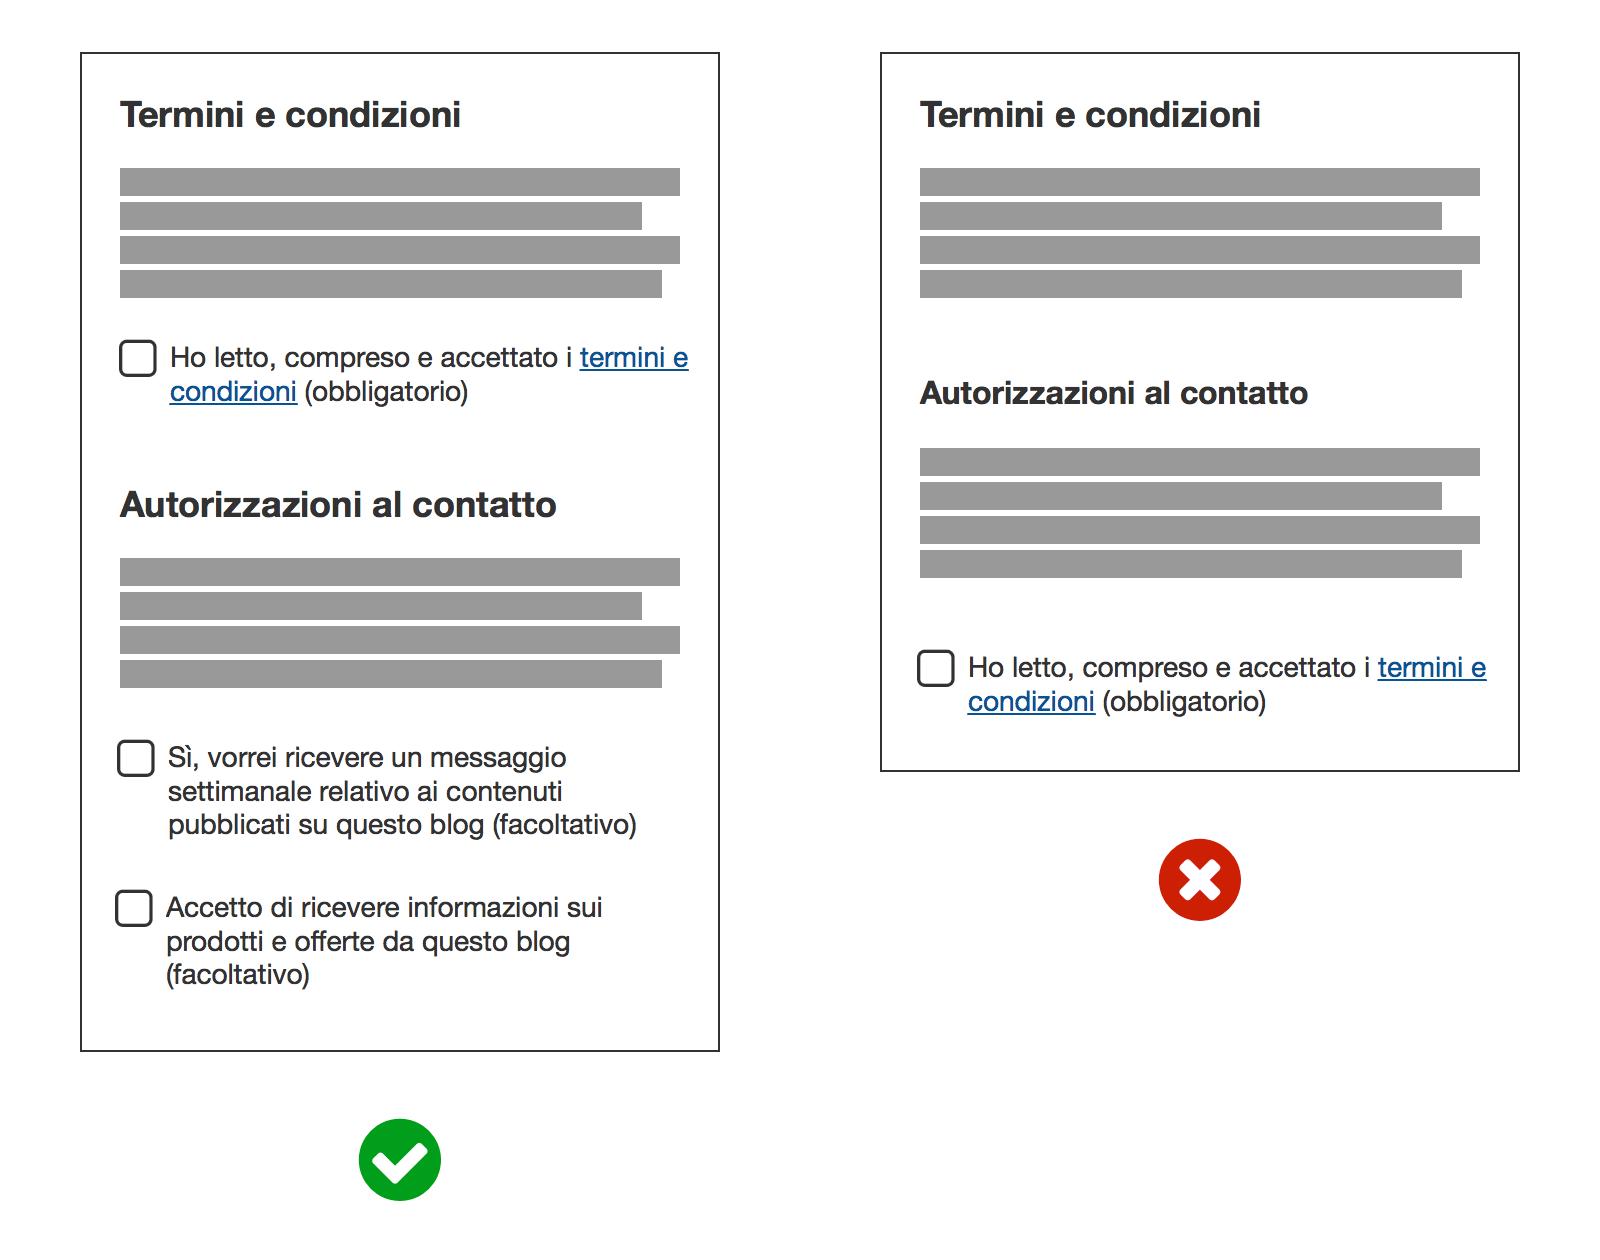 Newsletter - Consenso multiplo per più finalità